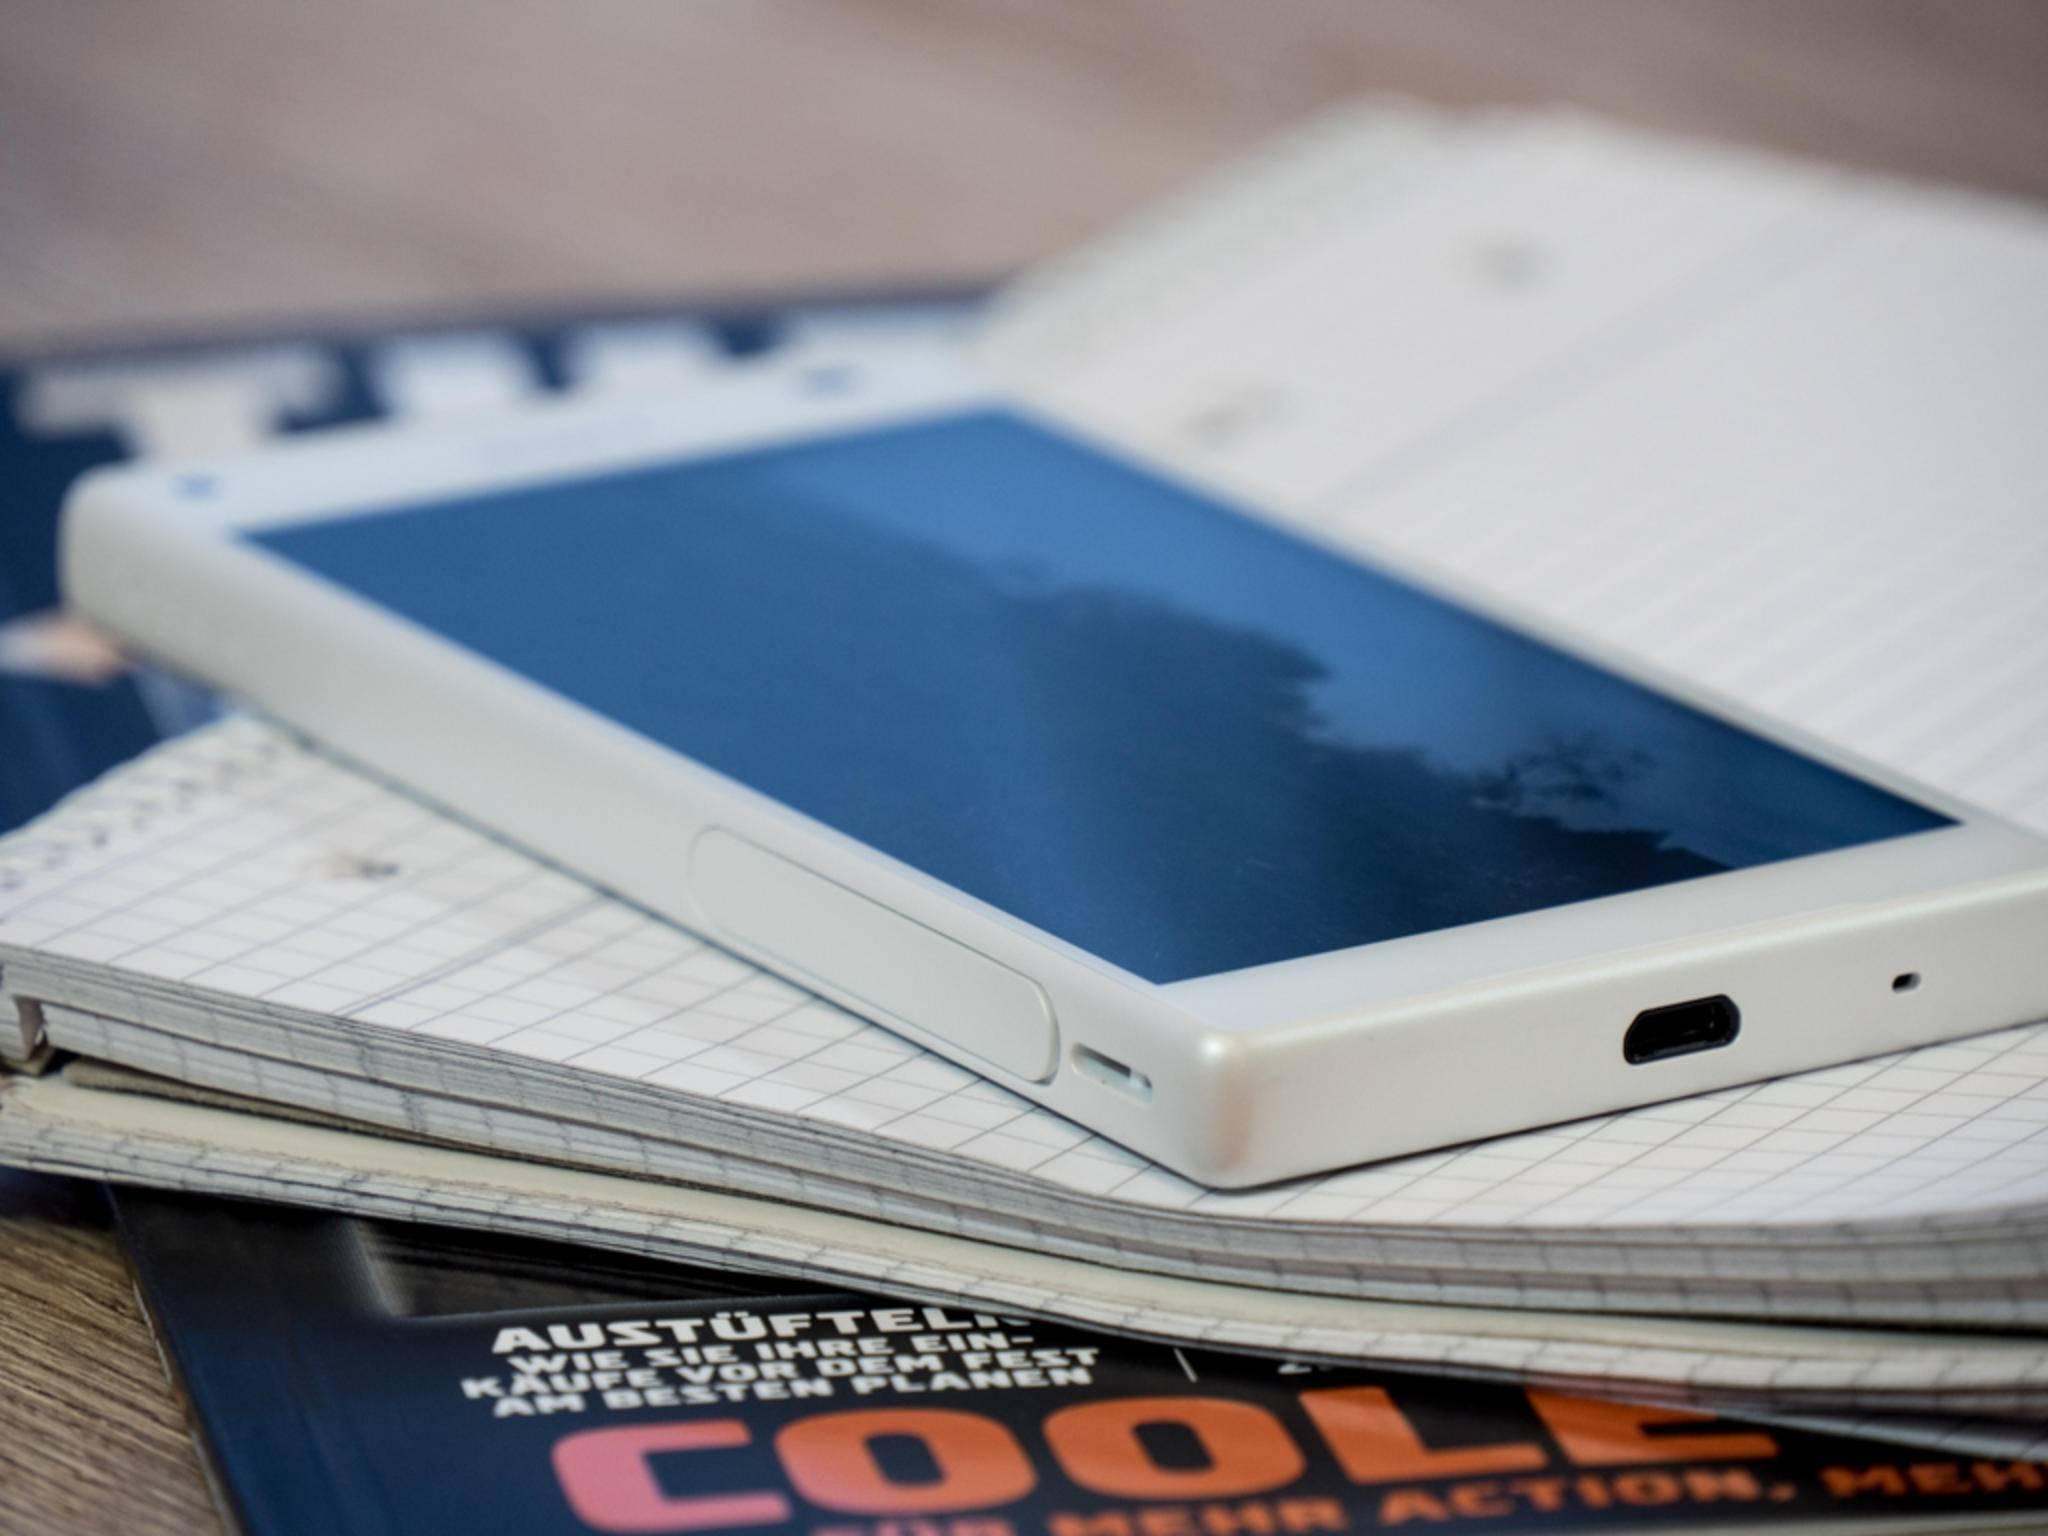 Die Auflösung beträgt zudem nur 720p, die Pixeldichte liegt aber auf iPhone 6s-Niveau.